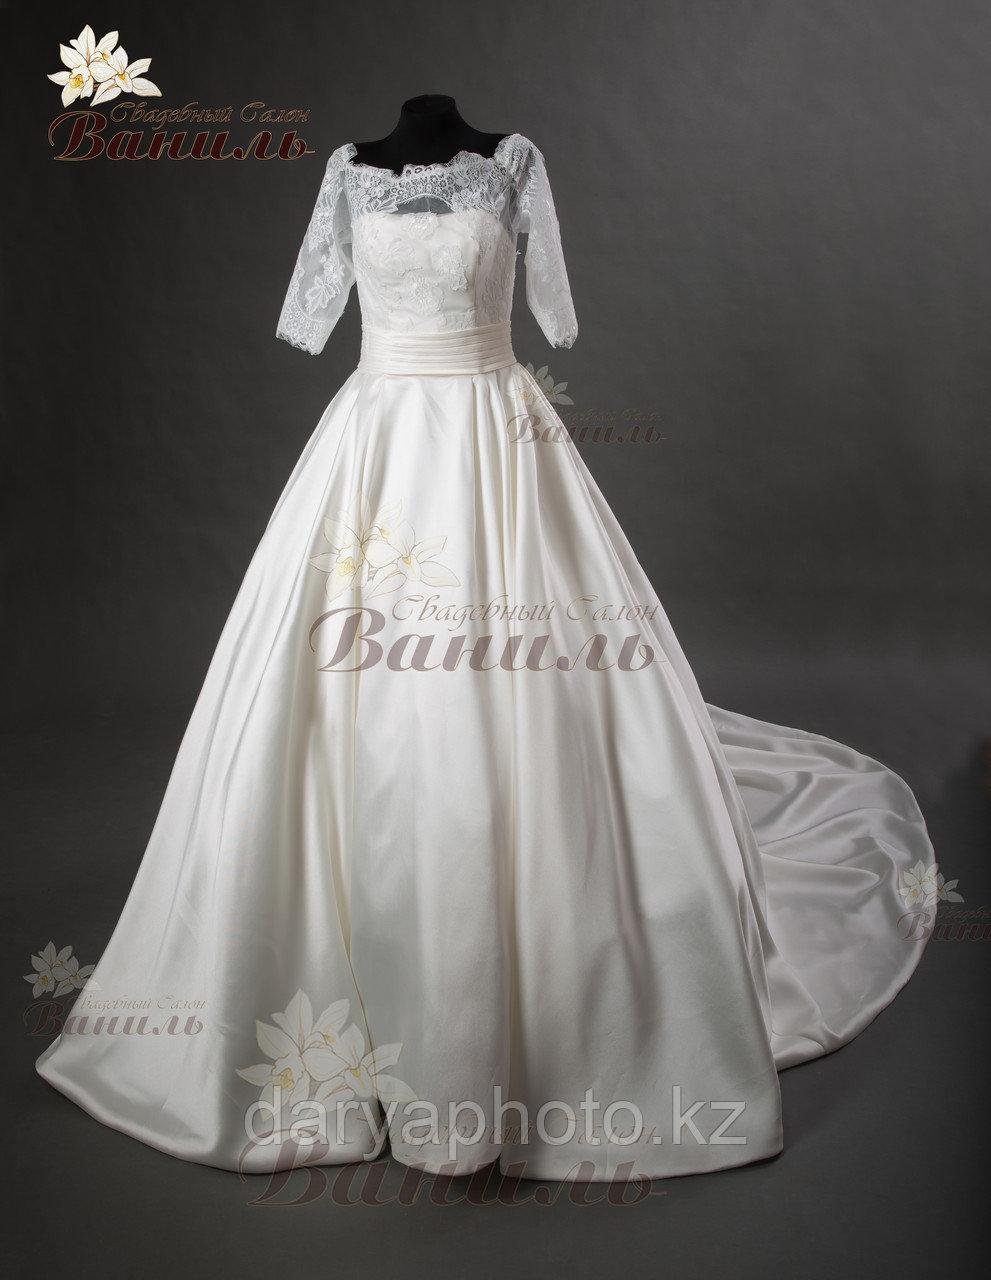 Свадебное платье - атласный шлейф - фото 2